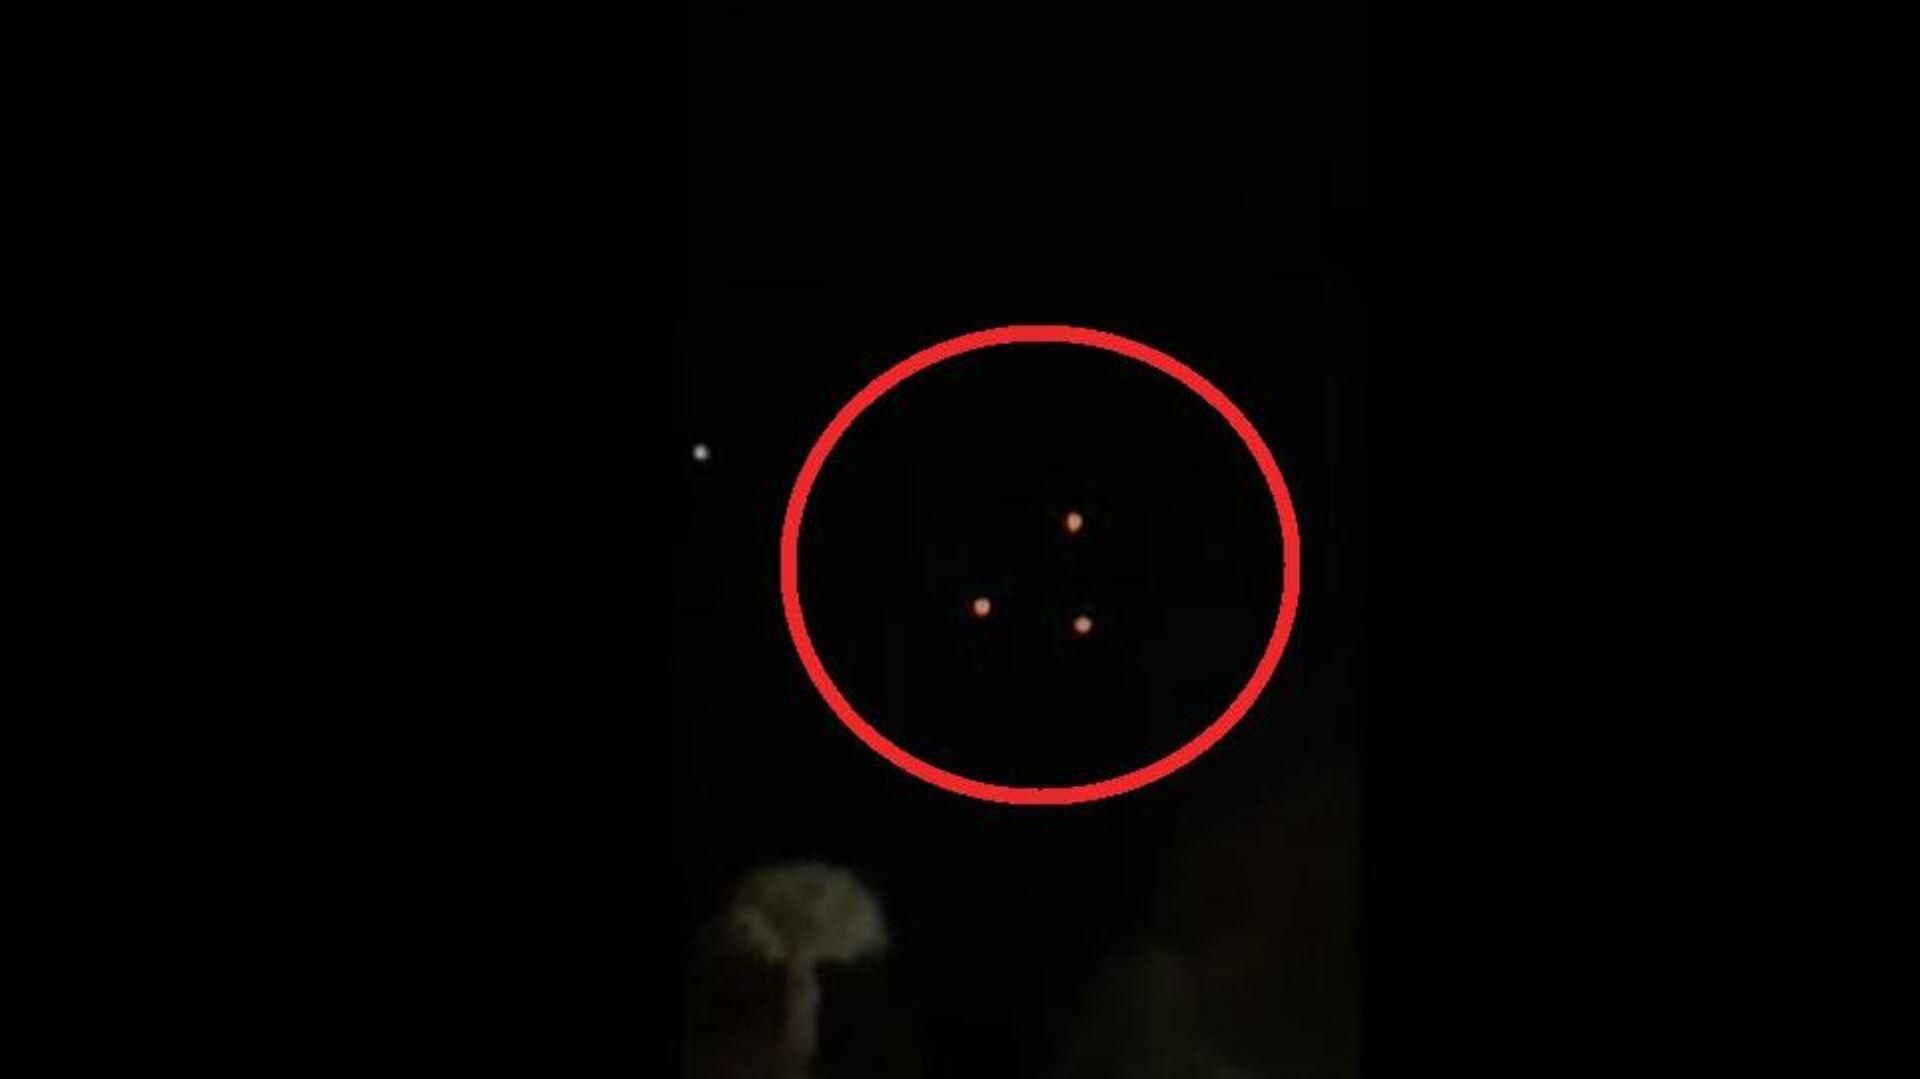 Φωτεινά αντικείμενα καταγράφηκαν στον ουρανό της Αριζόνα - Sputnik Ελλάδα, 1920, 12.09.2021